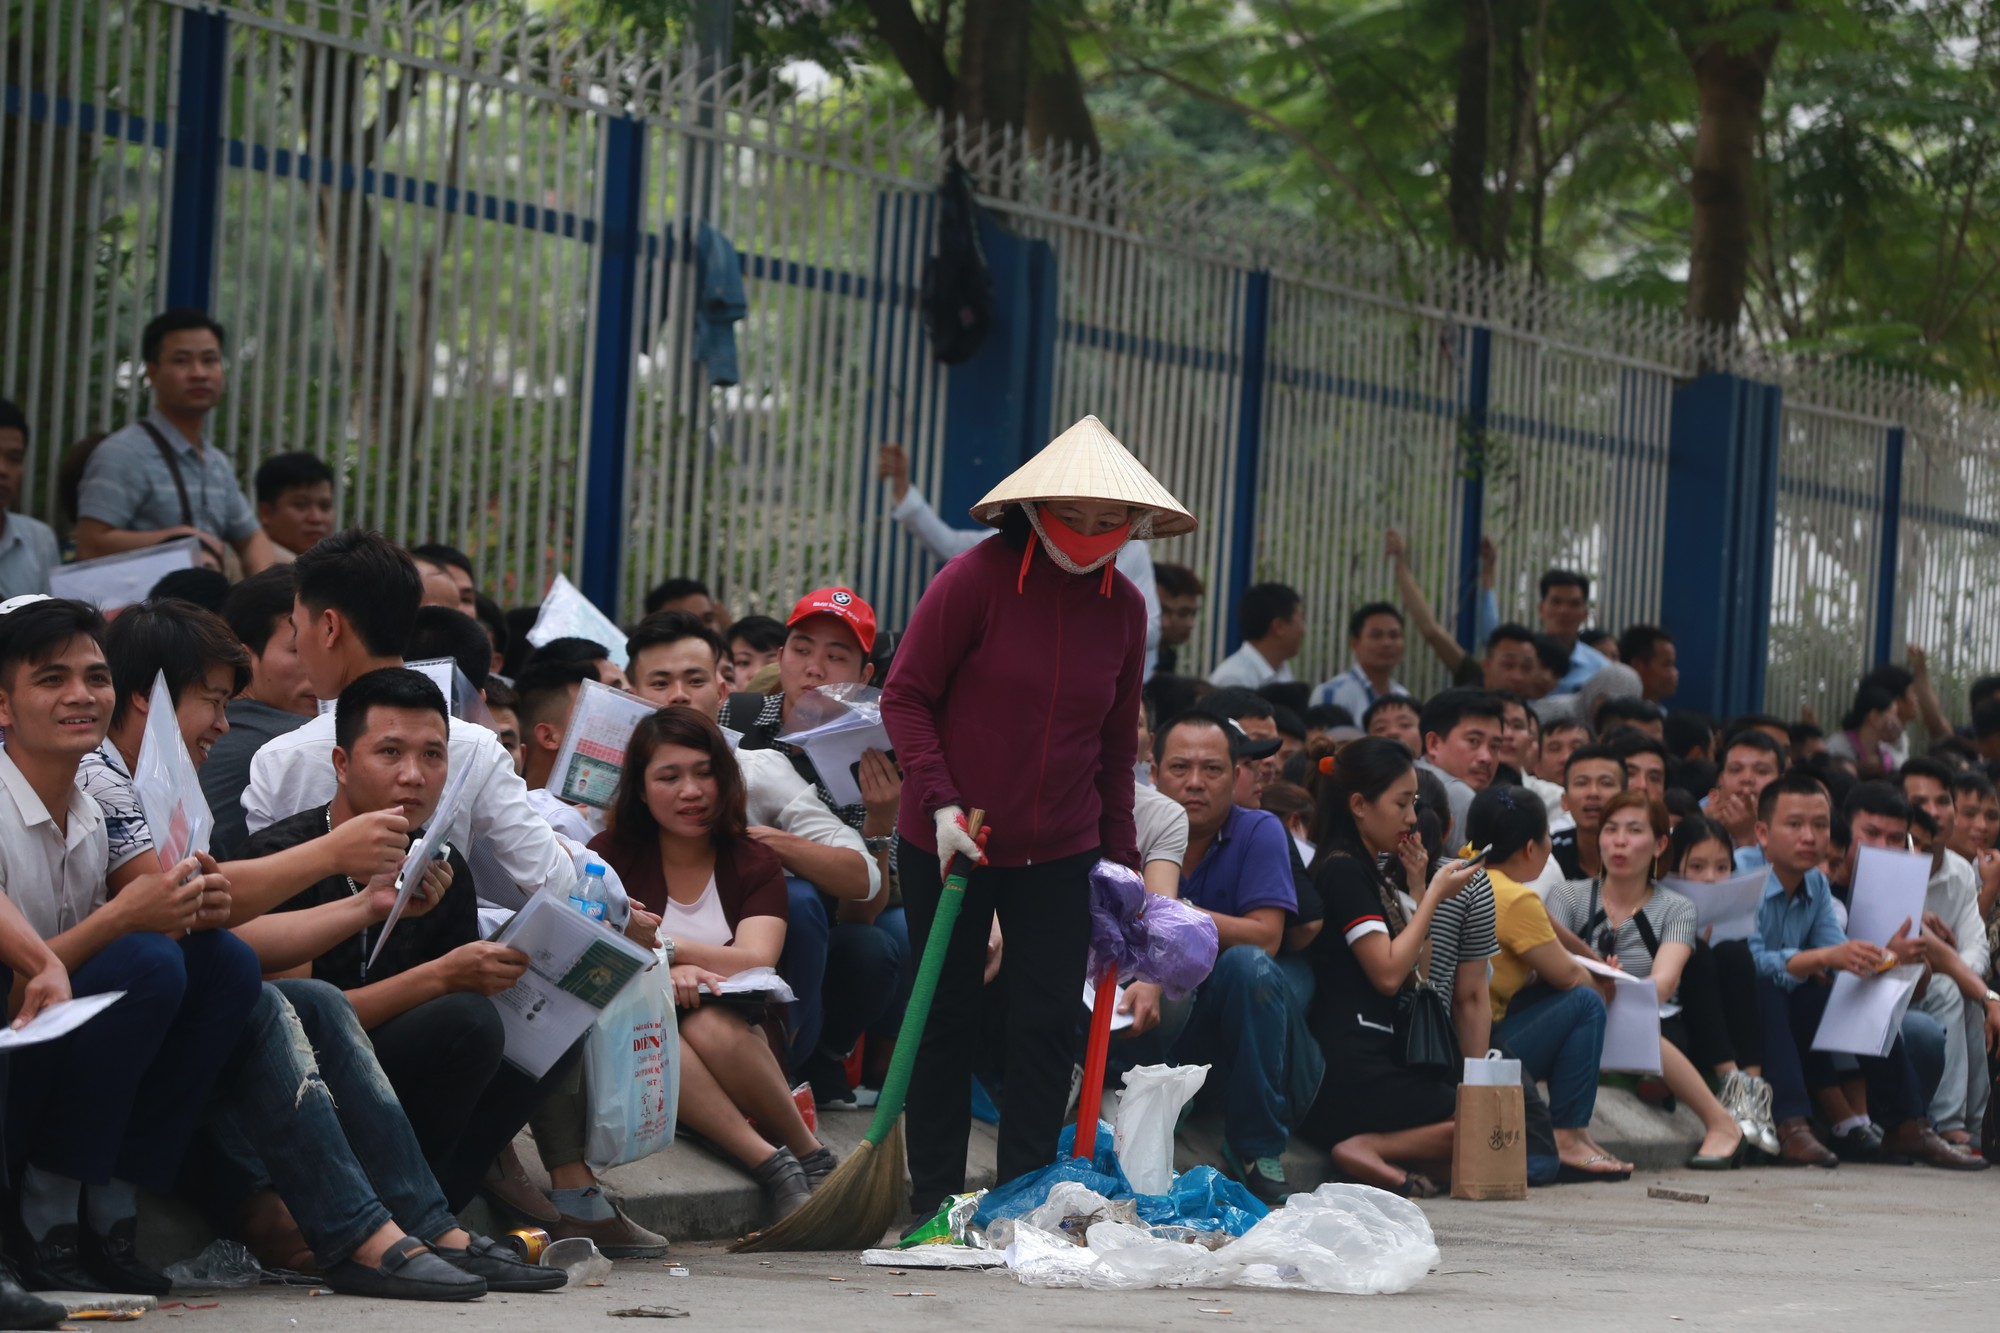 Cận cảnh hàng nghìn người xếp hàng trước Đại sứ quán Hàn Quốc chờ làm visa - Ảnh 13.